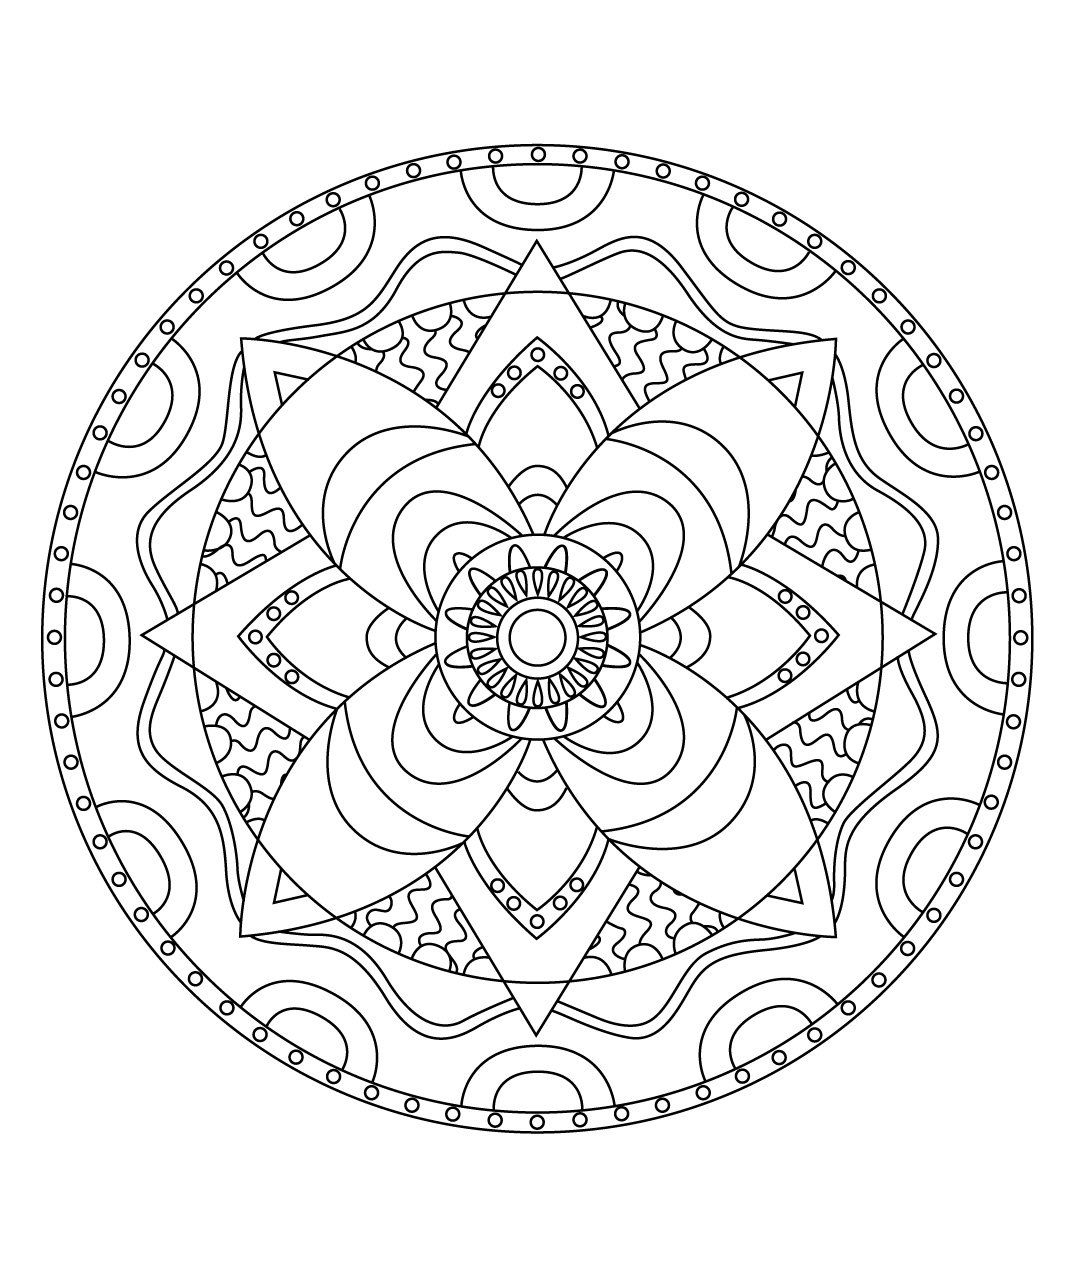 Stci, Coloriage Pour Adultes Et Enfants Mandalas destiné Mandala Coloriage